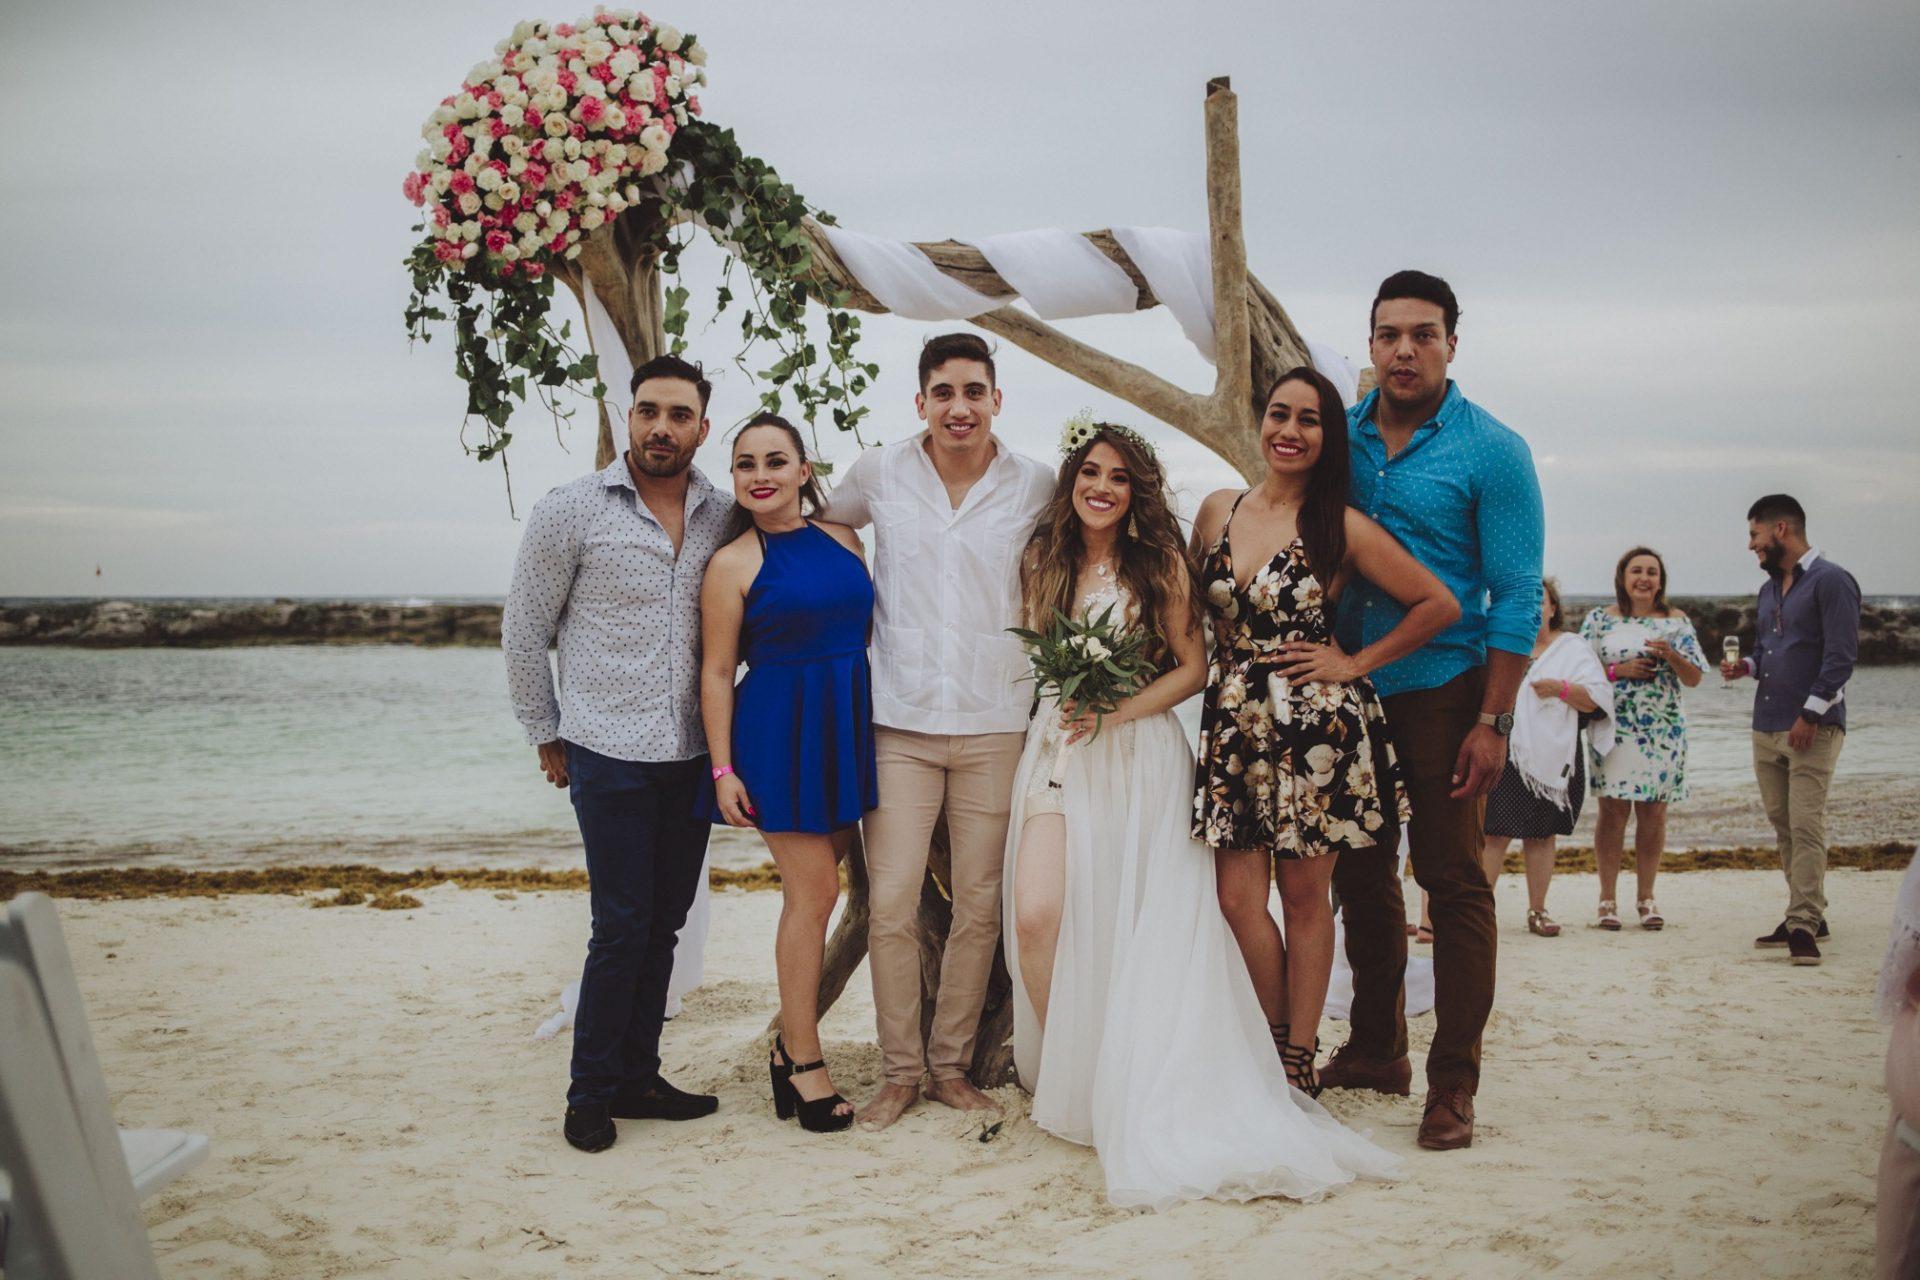 fotografo_bodas_profesional_zacatecas_riviera_maya_cancun-117